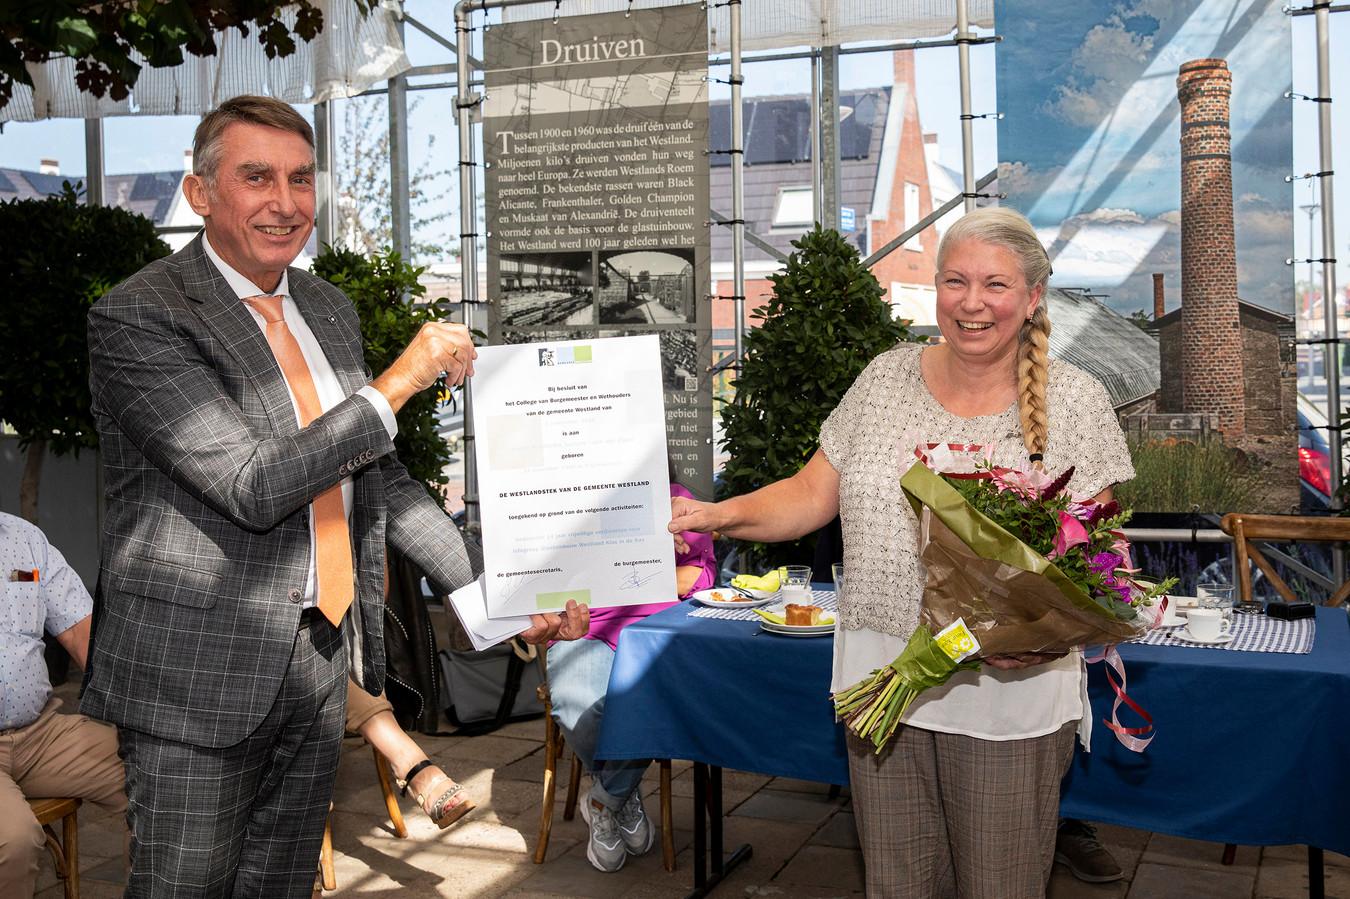 Ivonne Jansen-van der Zwan uit 's-Gravenzande heeft vrijdag een WestlandStek ontvangen van wethouder Albert Abee (glastuinbouw).